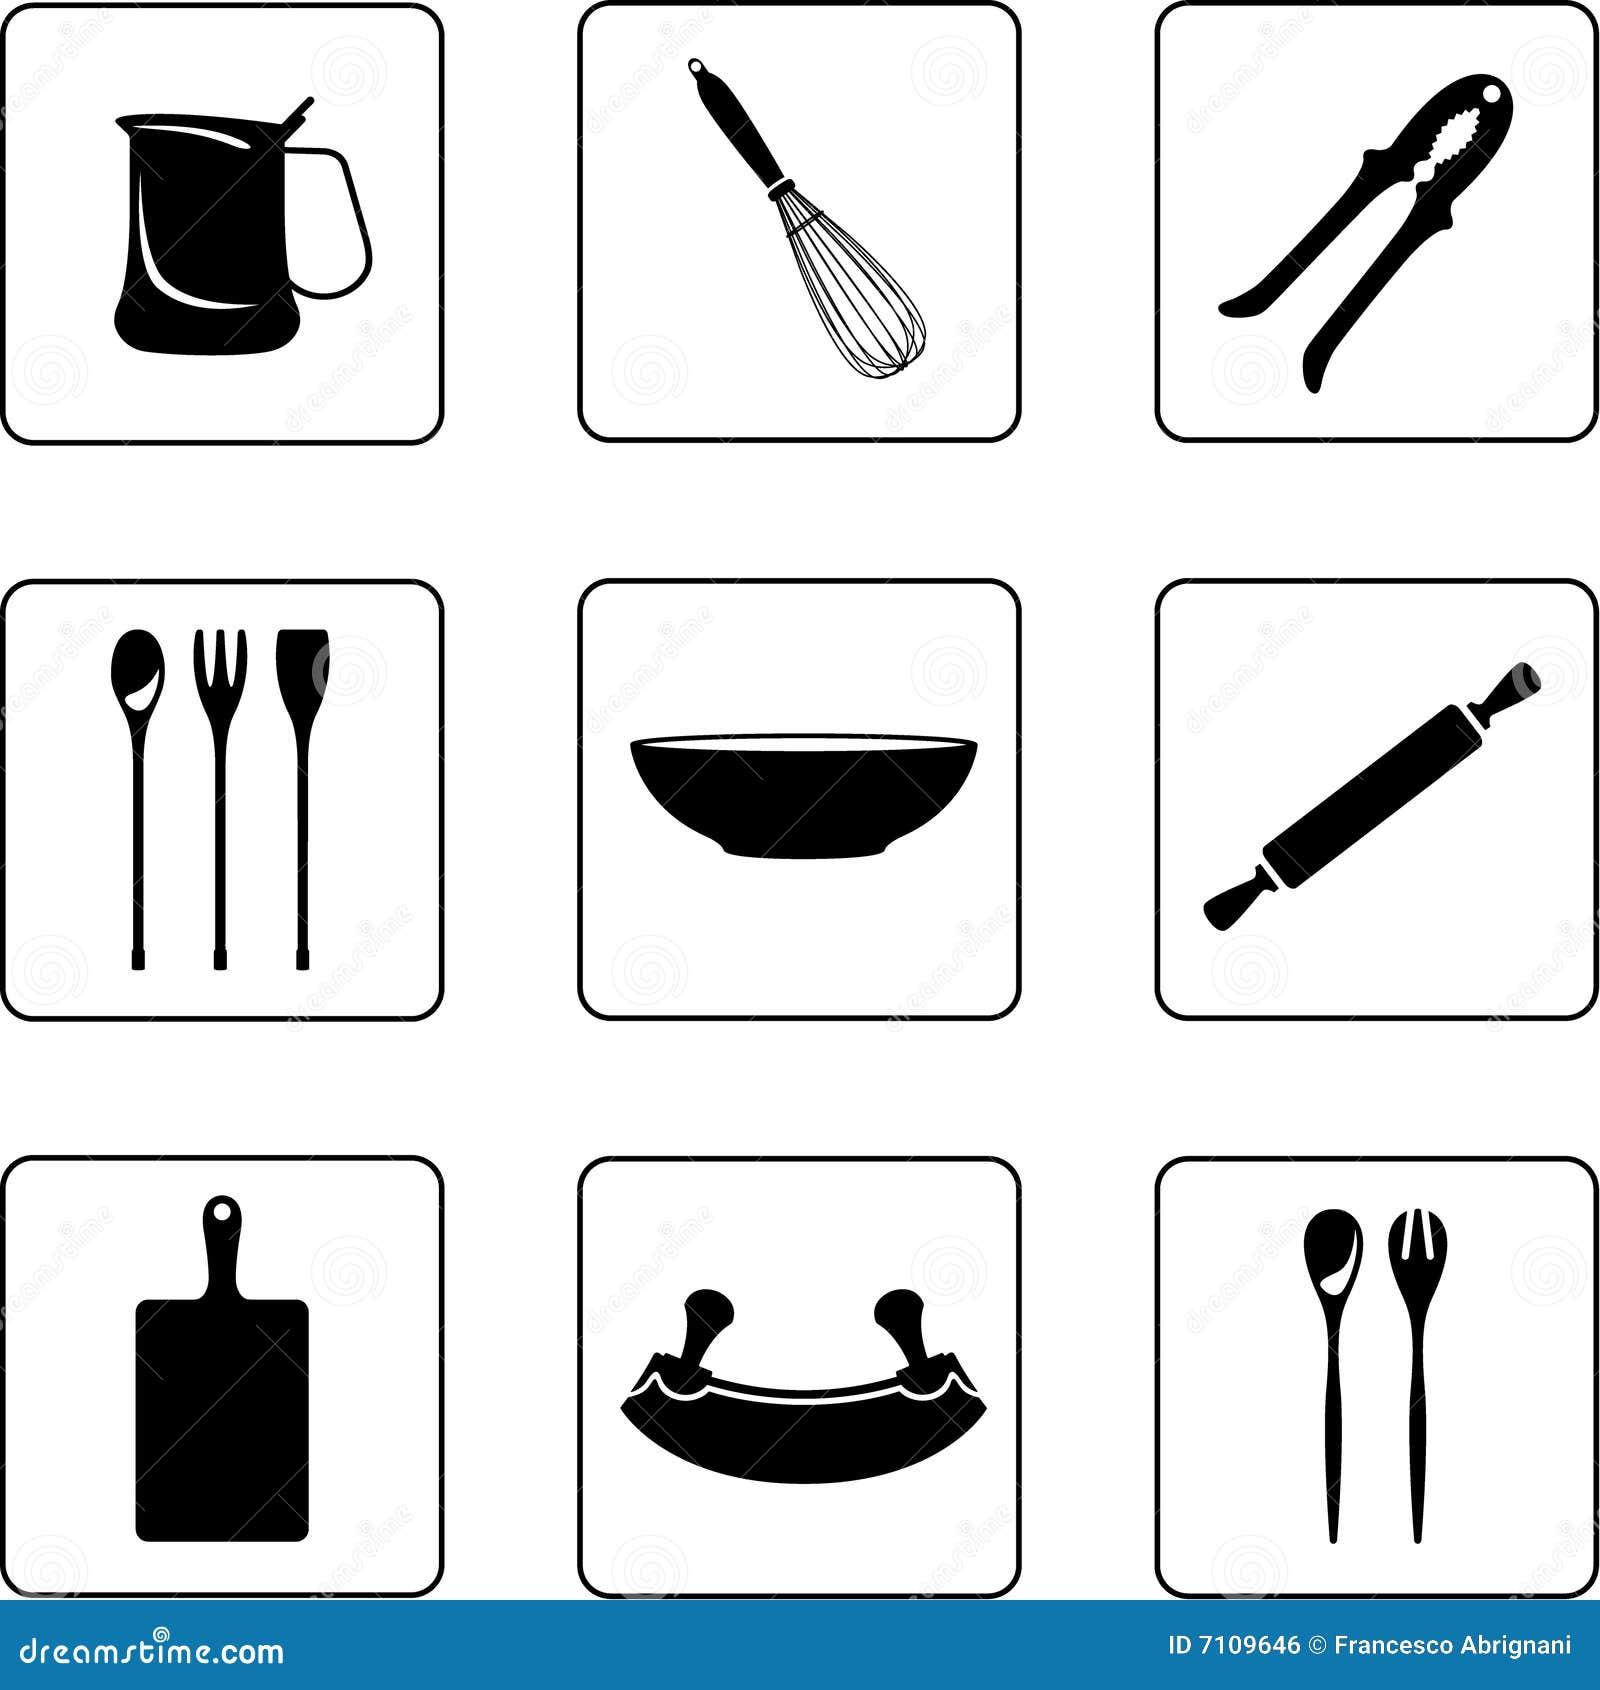 Otros utensilios de cocina imagen de archivo libre de for Utensilios para cocina